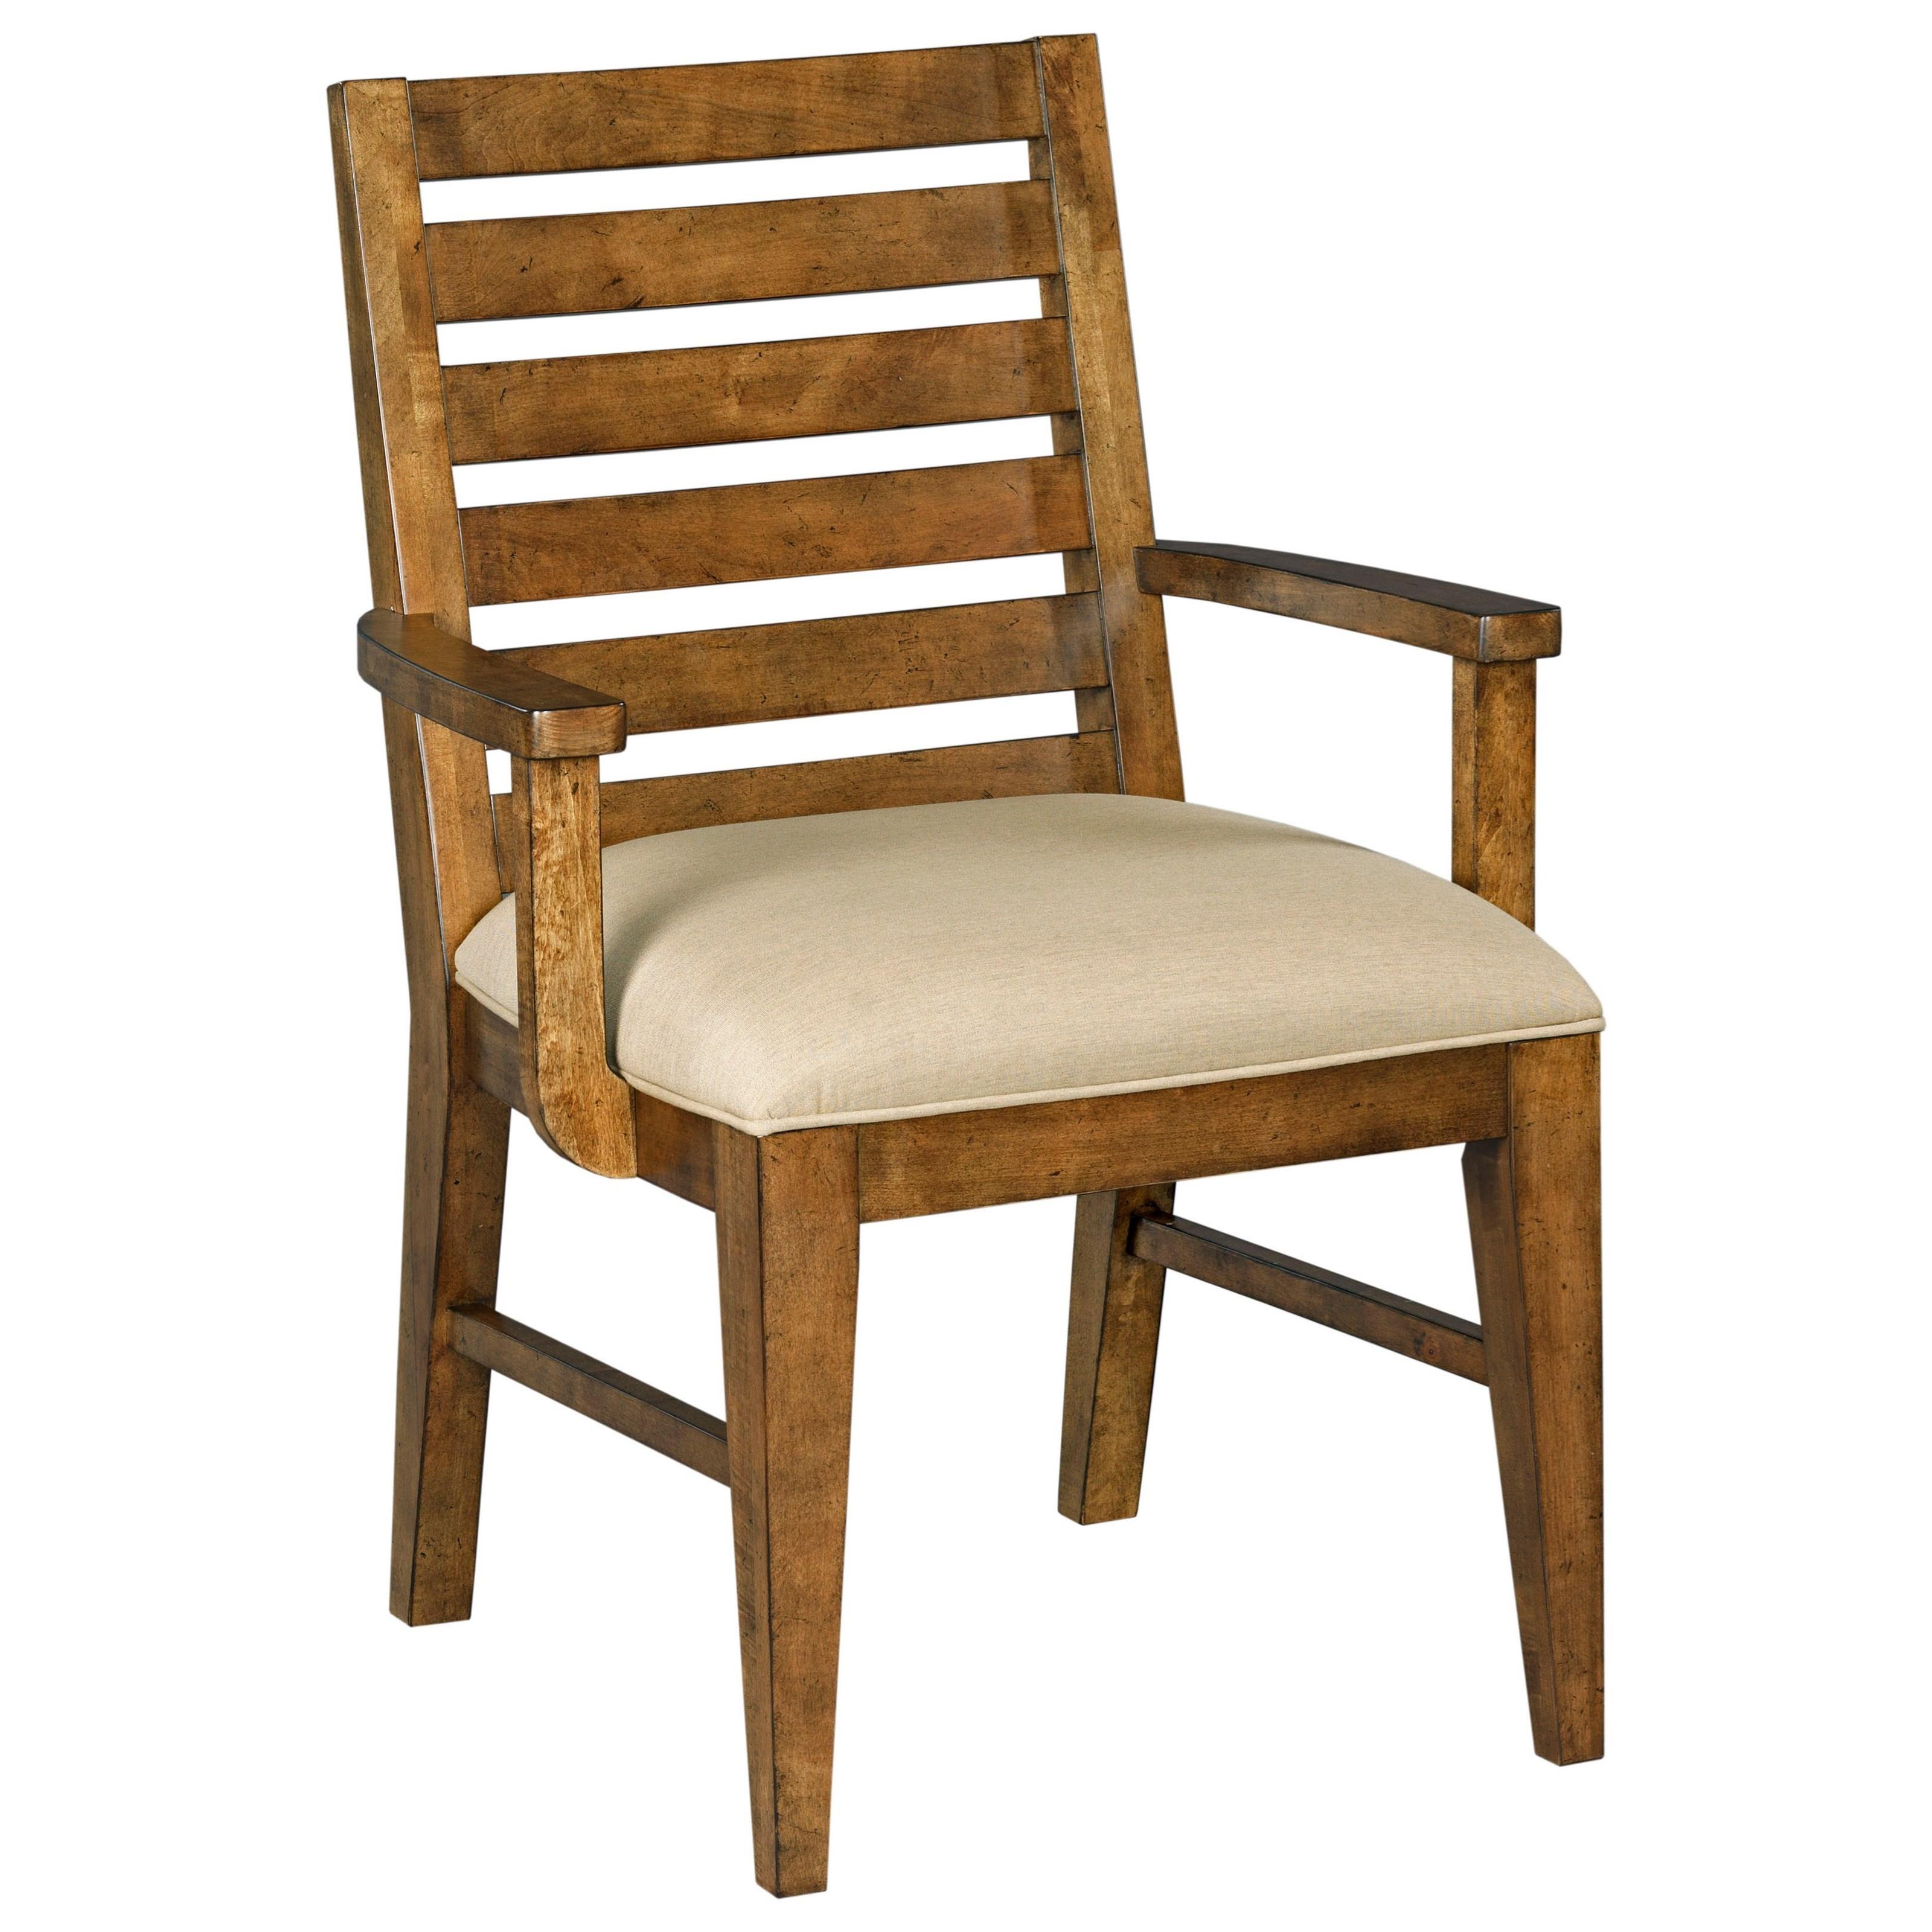 Modern Craftsman Ladderback Arm Chair With Sunbrella Fabric